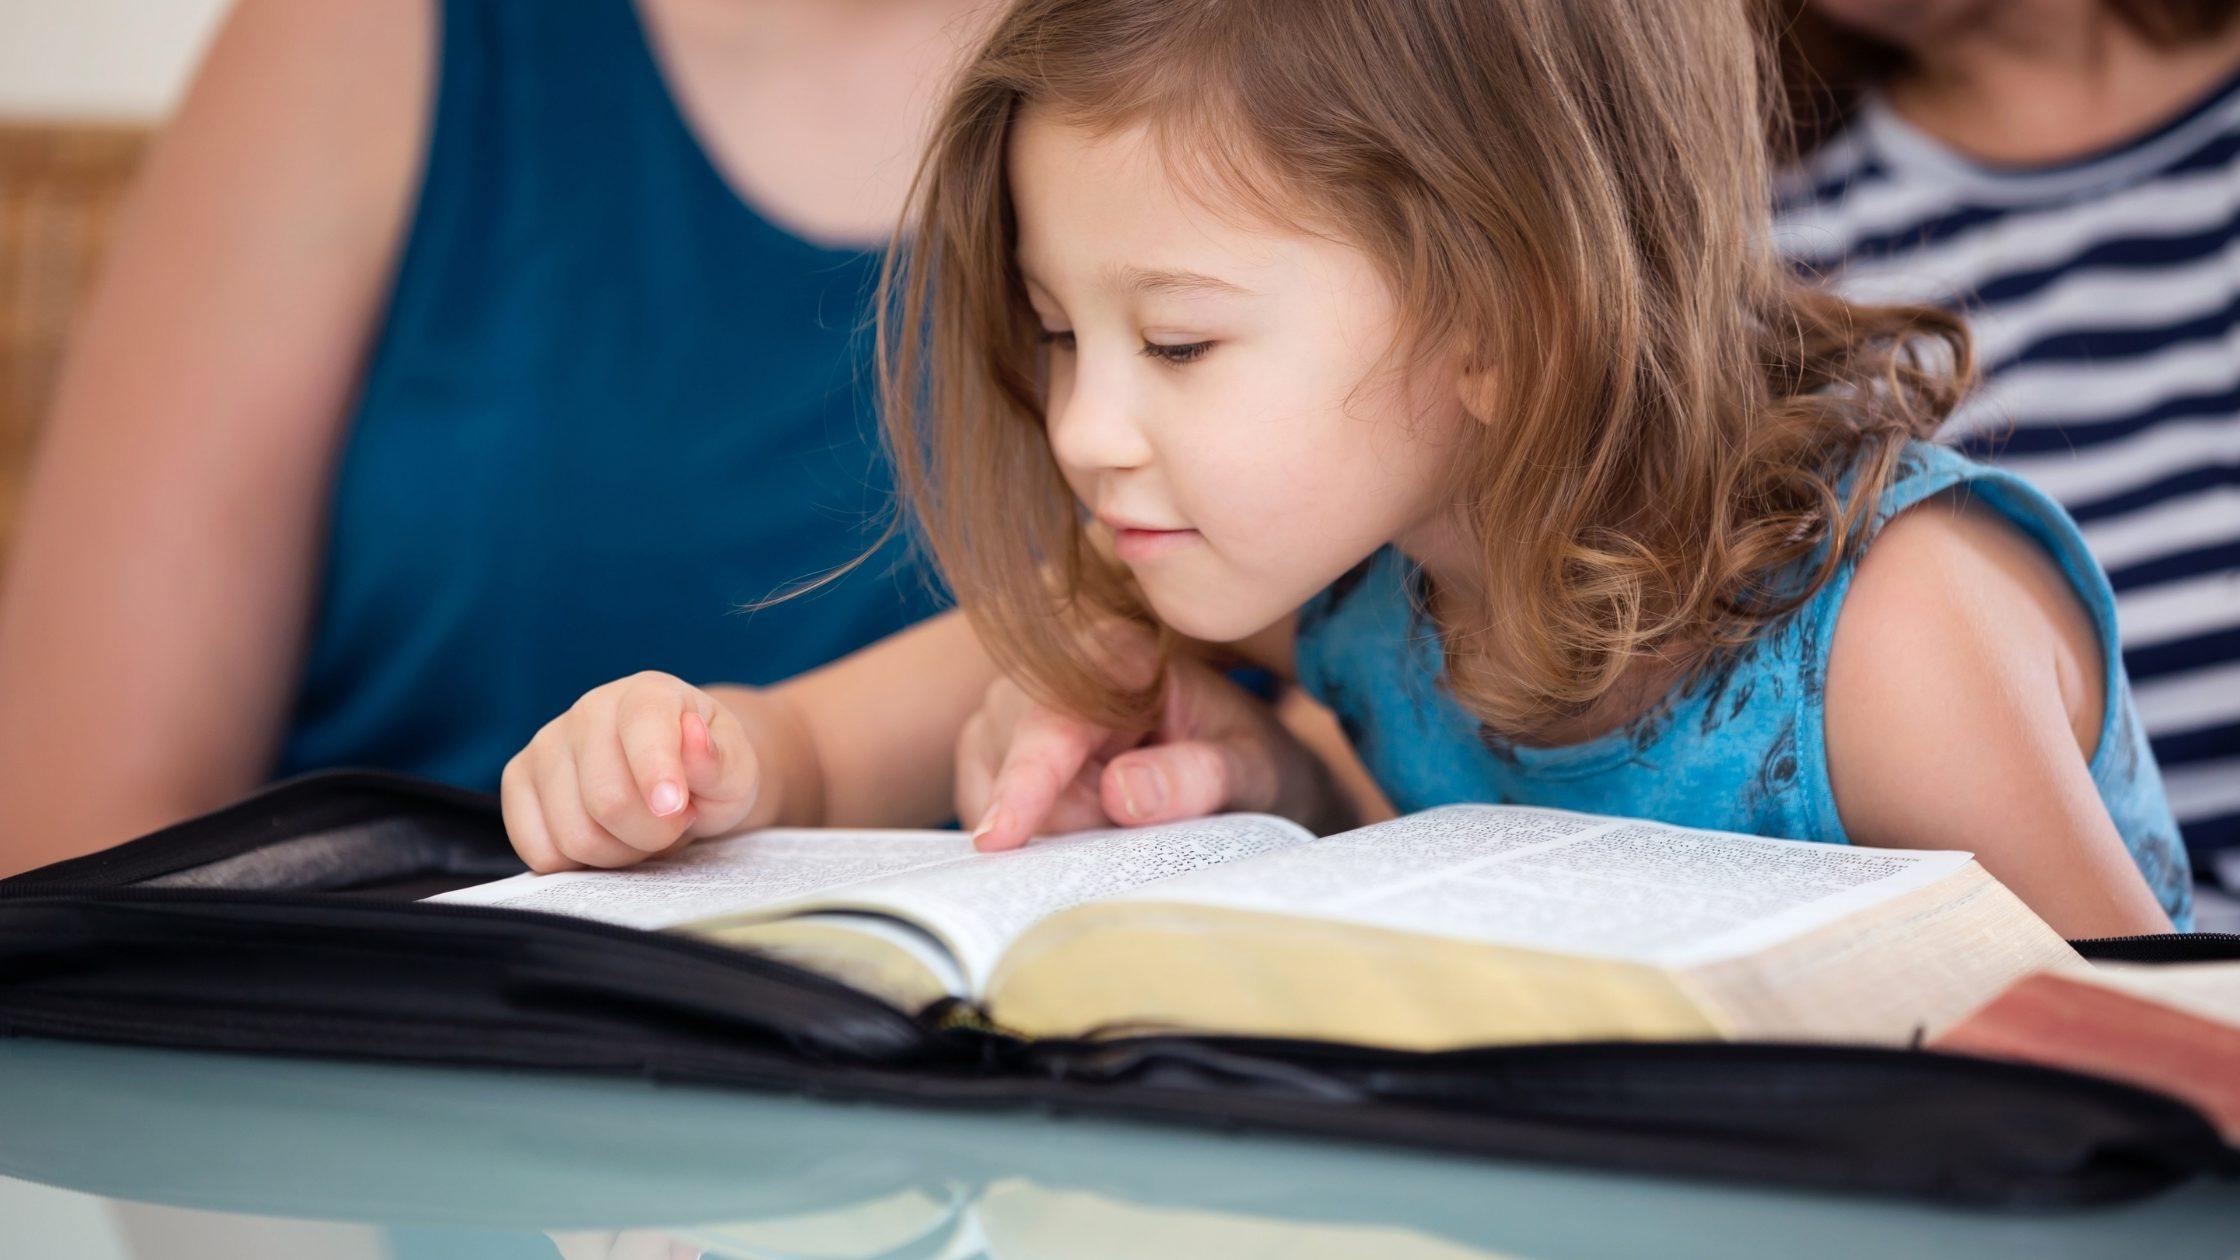 Atividades devocionais infantis: material para devocional com os filhos